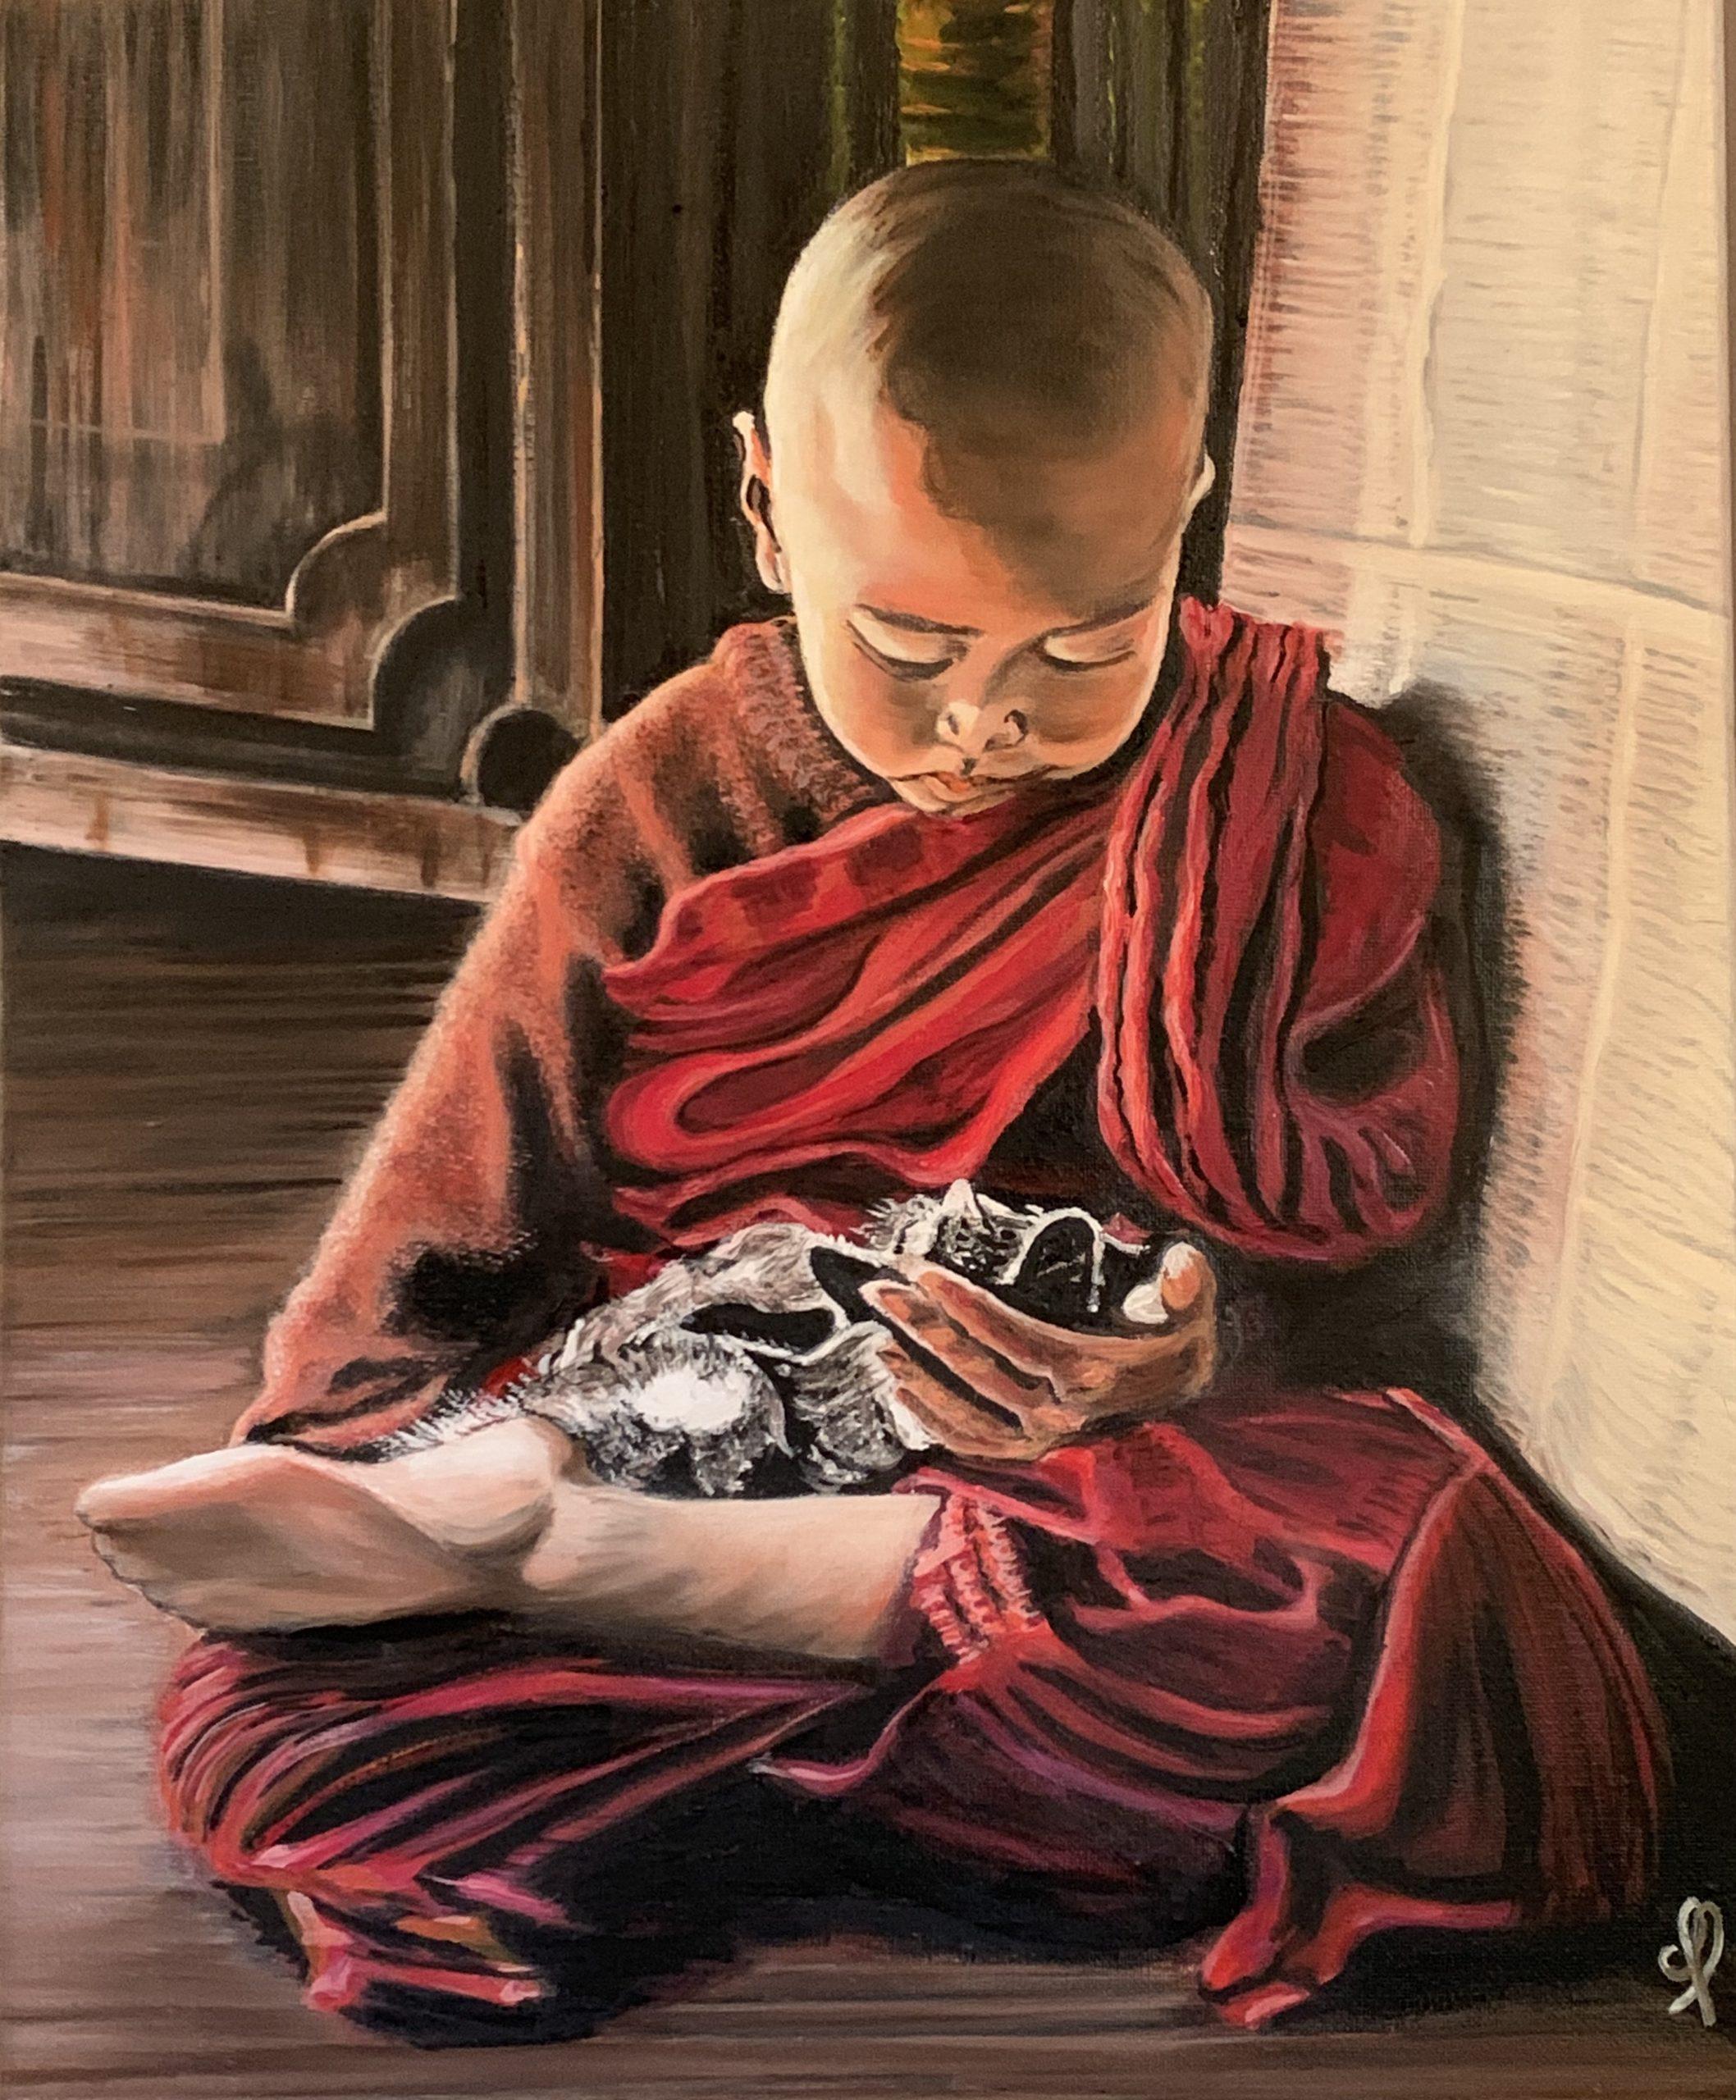 L'enfant-moine tibétain et son chaton